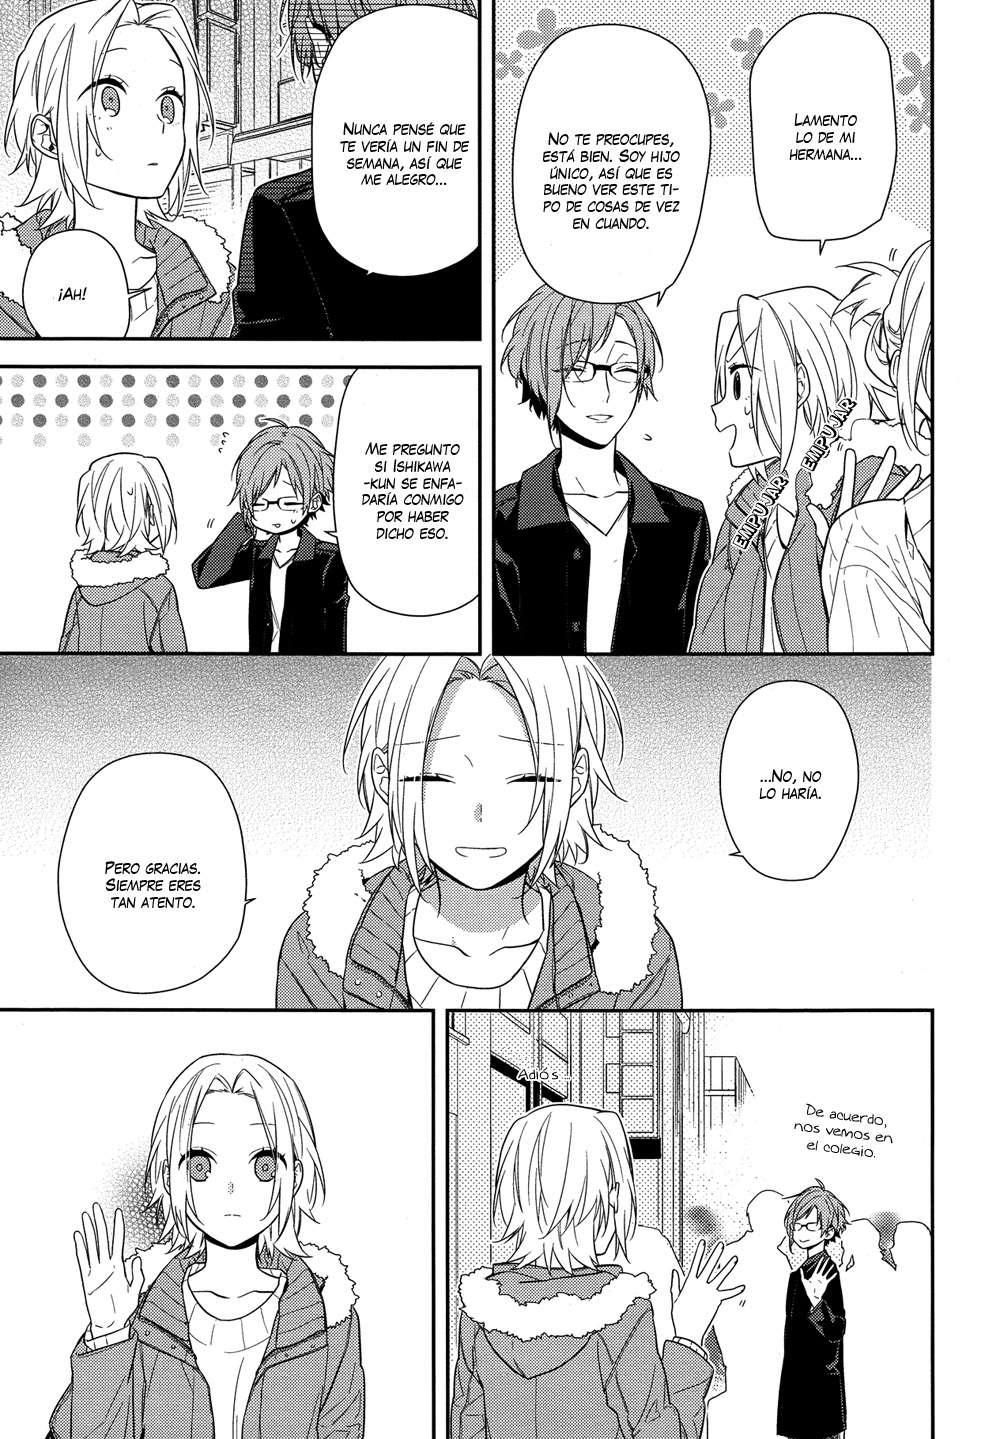 http://c5.ninemanga.com/es_manga/19/1043/434711/a2a54b1f4d576fb949cd5e6a41b389e1.jpg Page 4